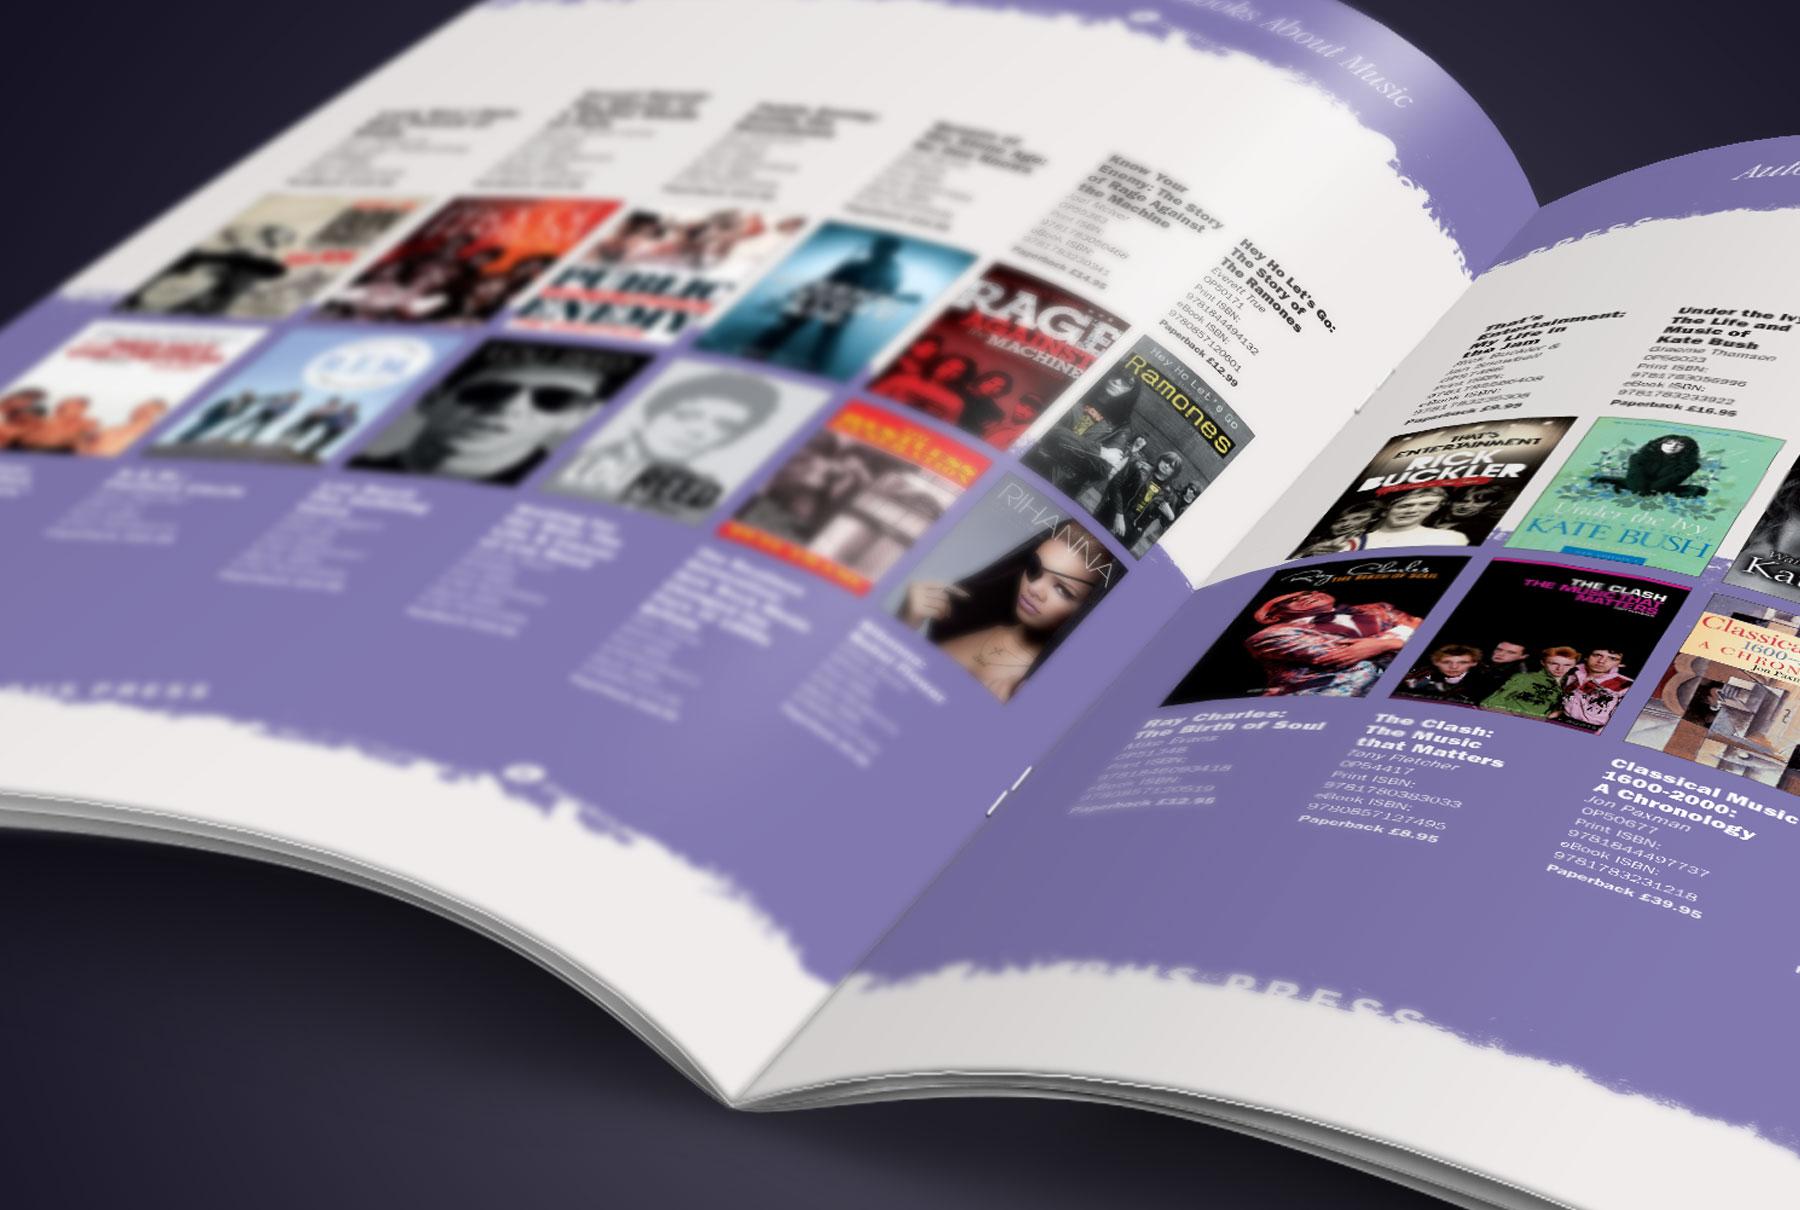 Omnibus Press Catalogue Spread